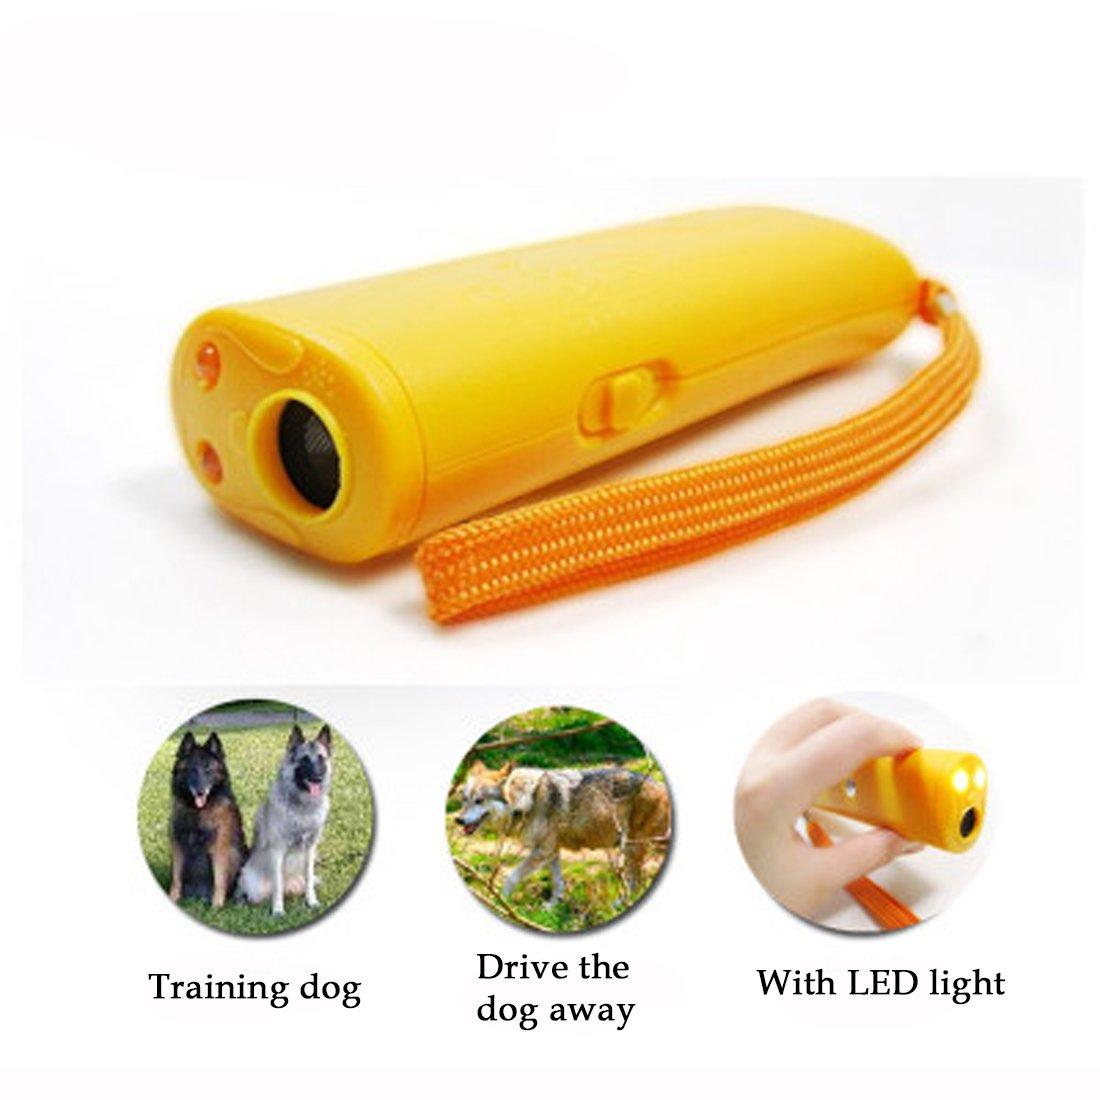 A-szcxtop Trainer avec LED Lampe de poche/puissant à ultrasons Chien dissuasif et écorce Bouchon + Dog Trainer appareil/Protégez-vous de chiens Agressifs + train votre chien pour arrêter d'Aboyer et de tous les autres Comportements indésirables